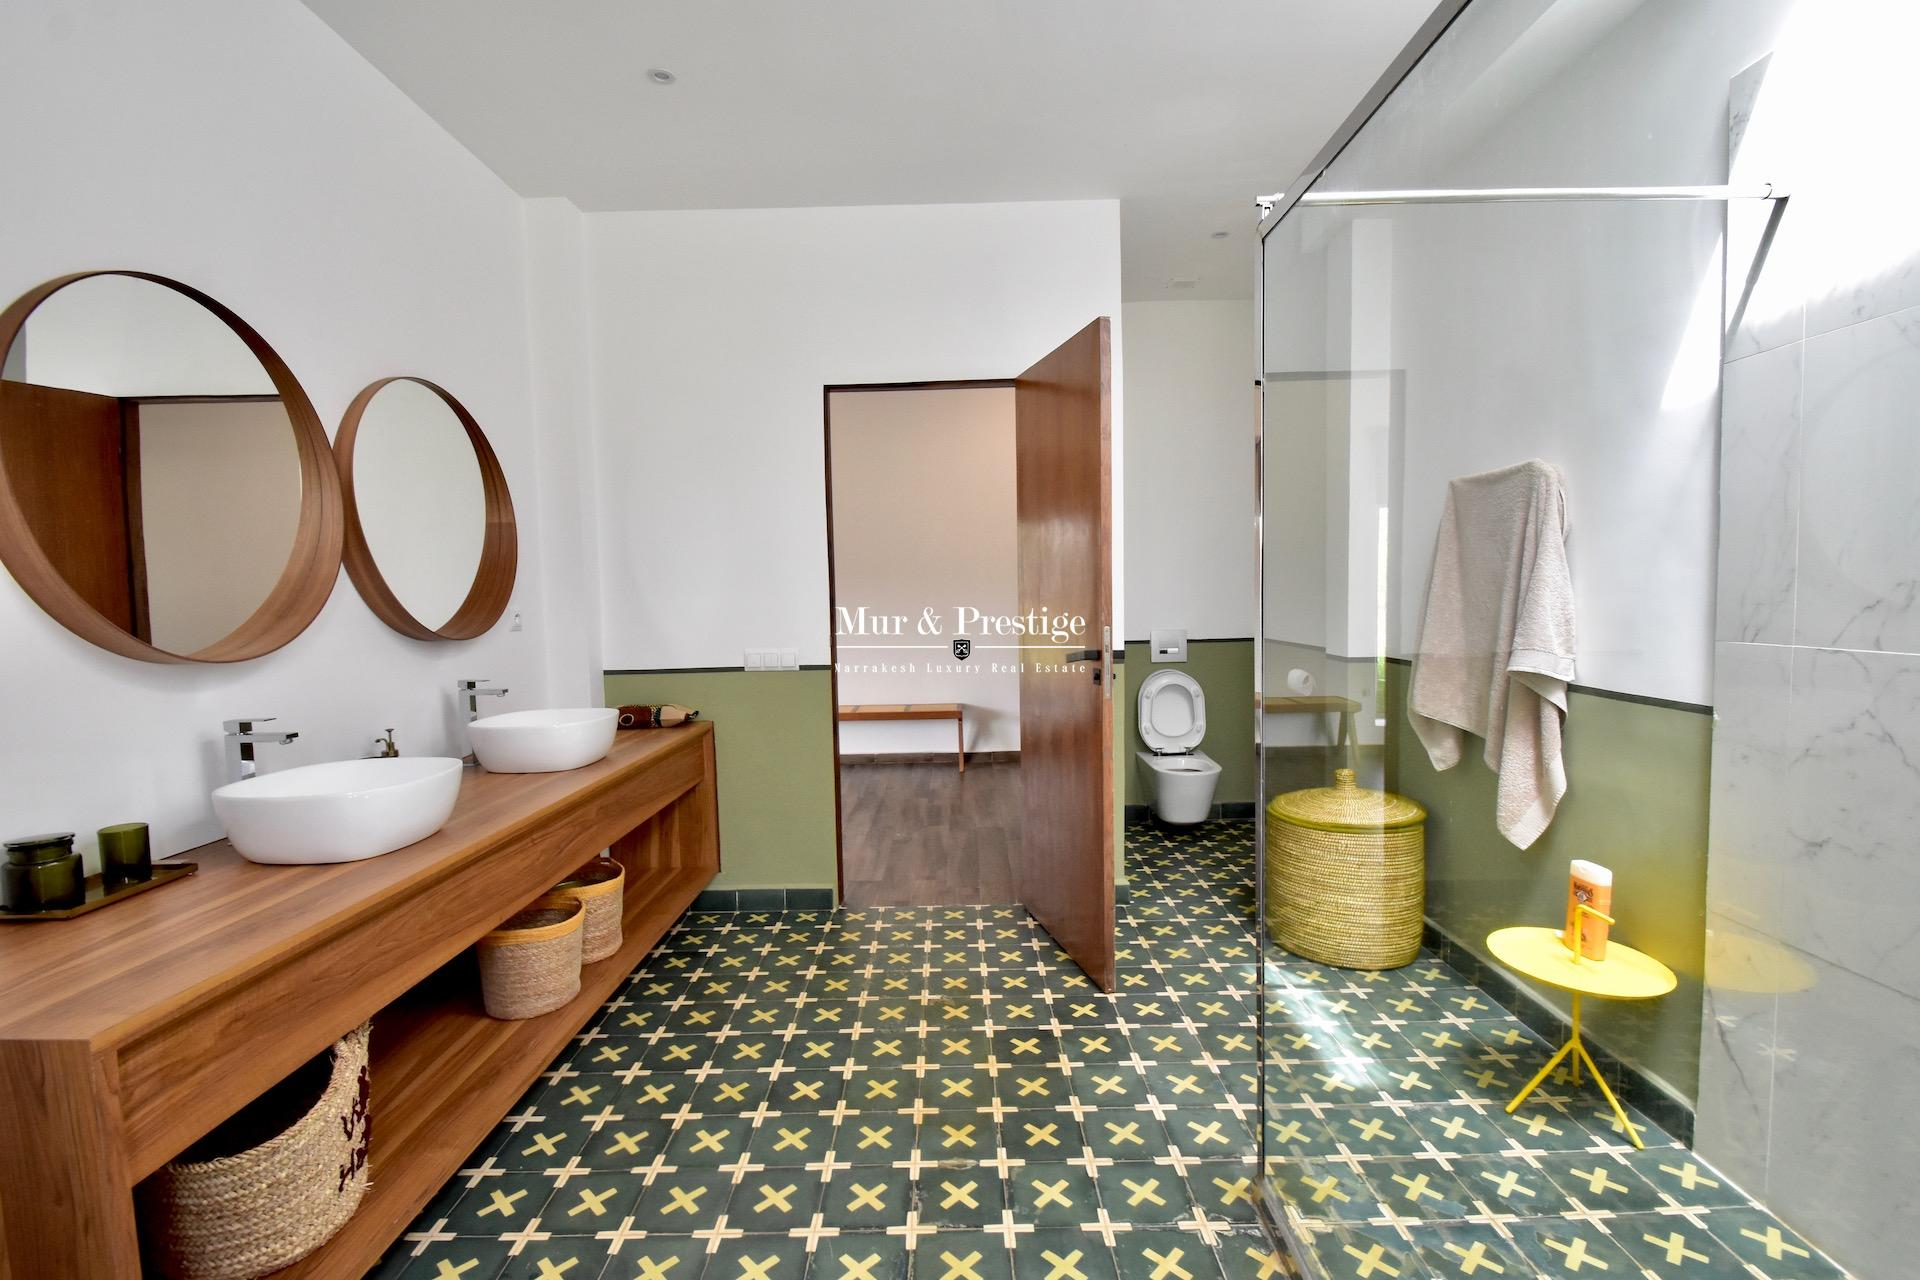 Maison en location à Marrakech - Agence Immobilière - copie